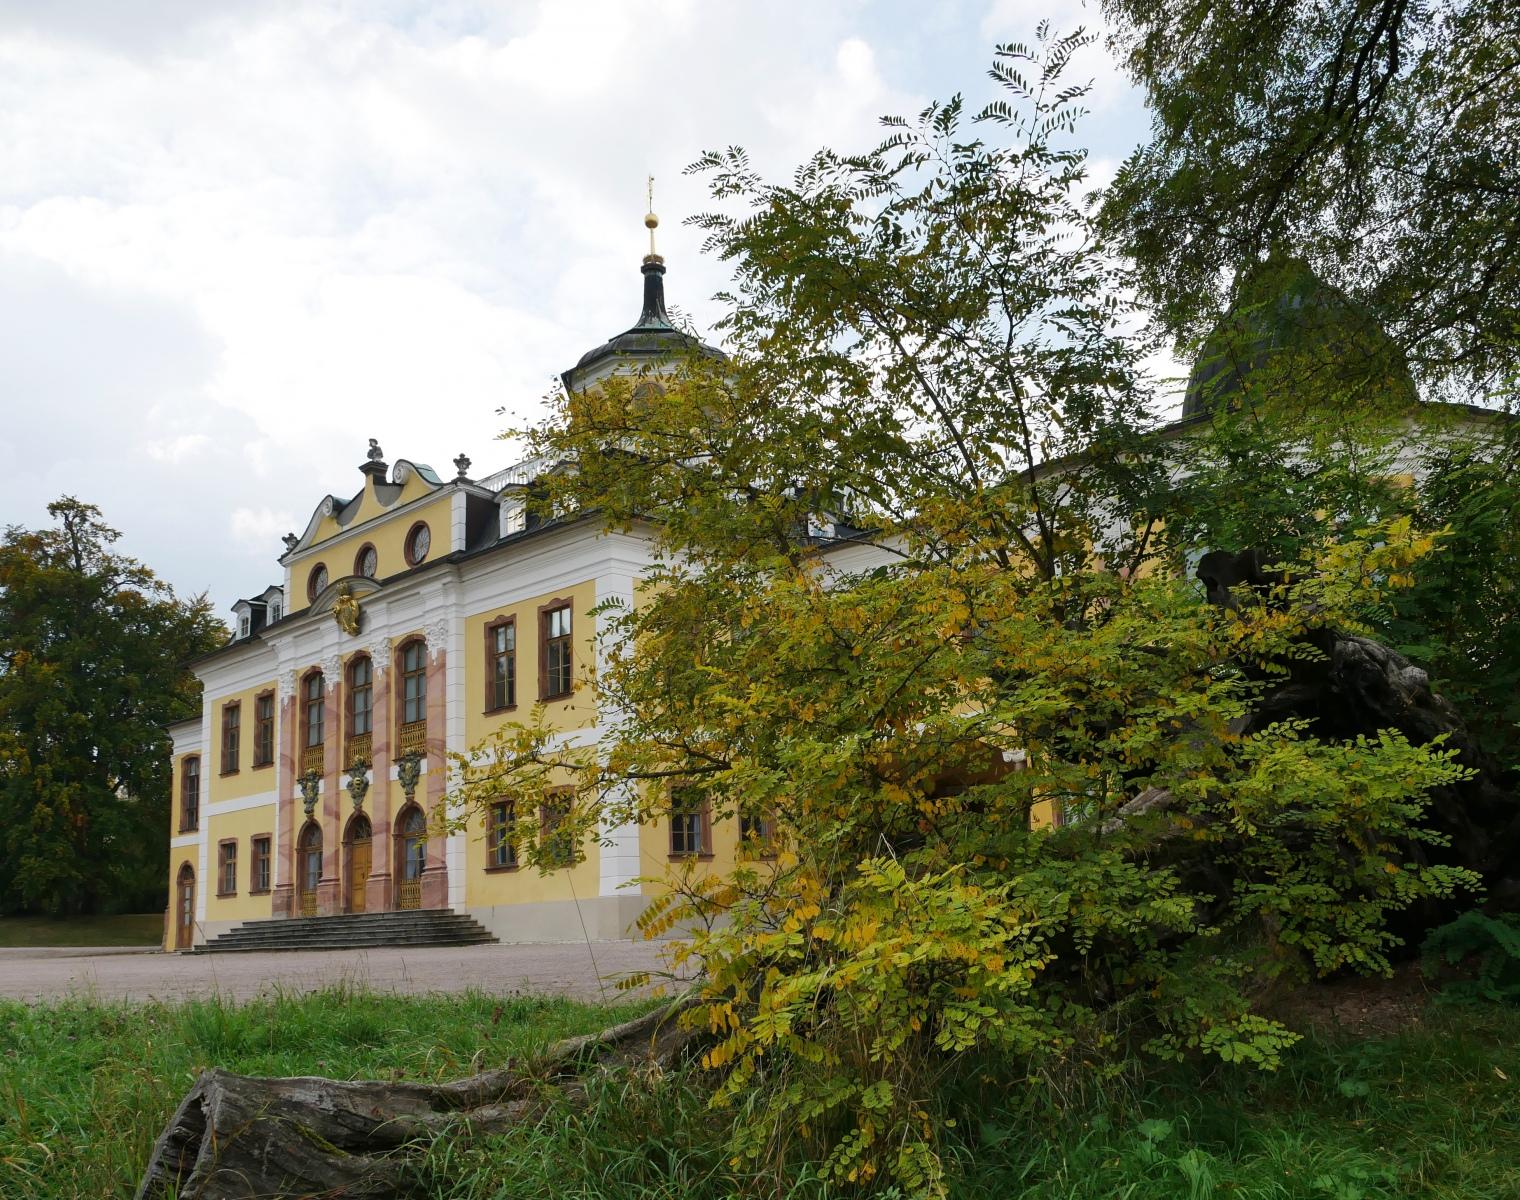 Schloss Belvedere, Parkseite